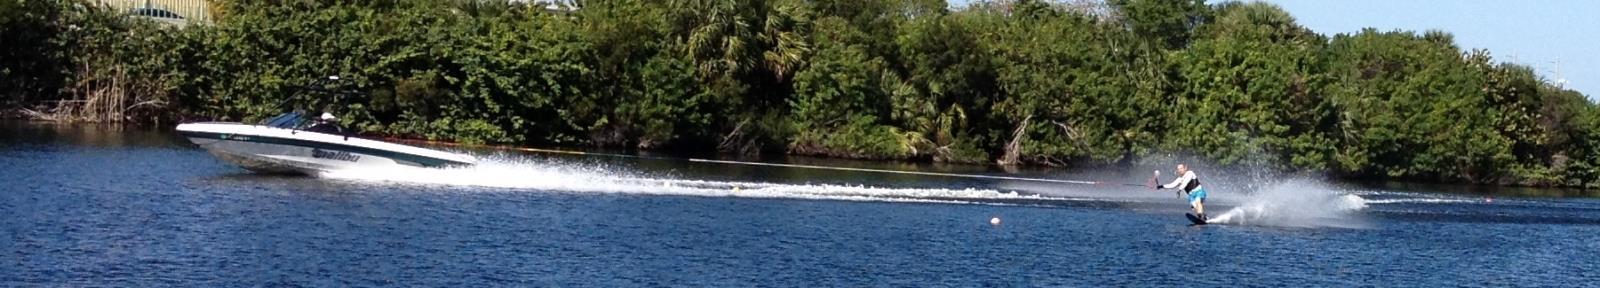 SkiClub Waterskiing